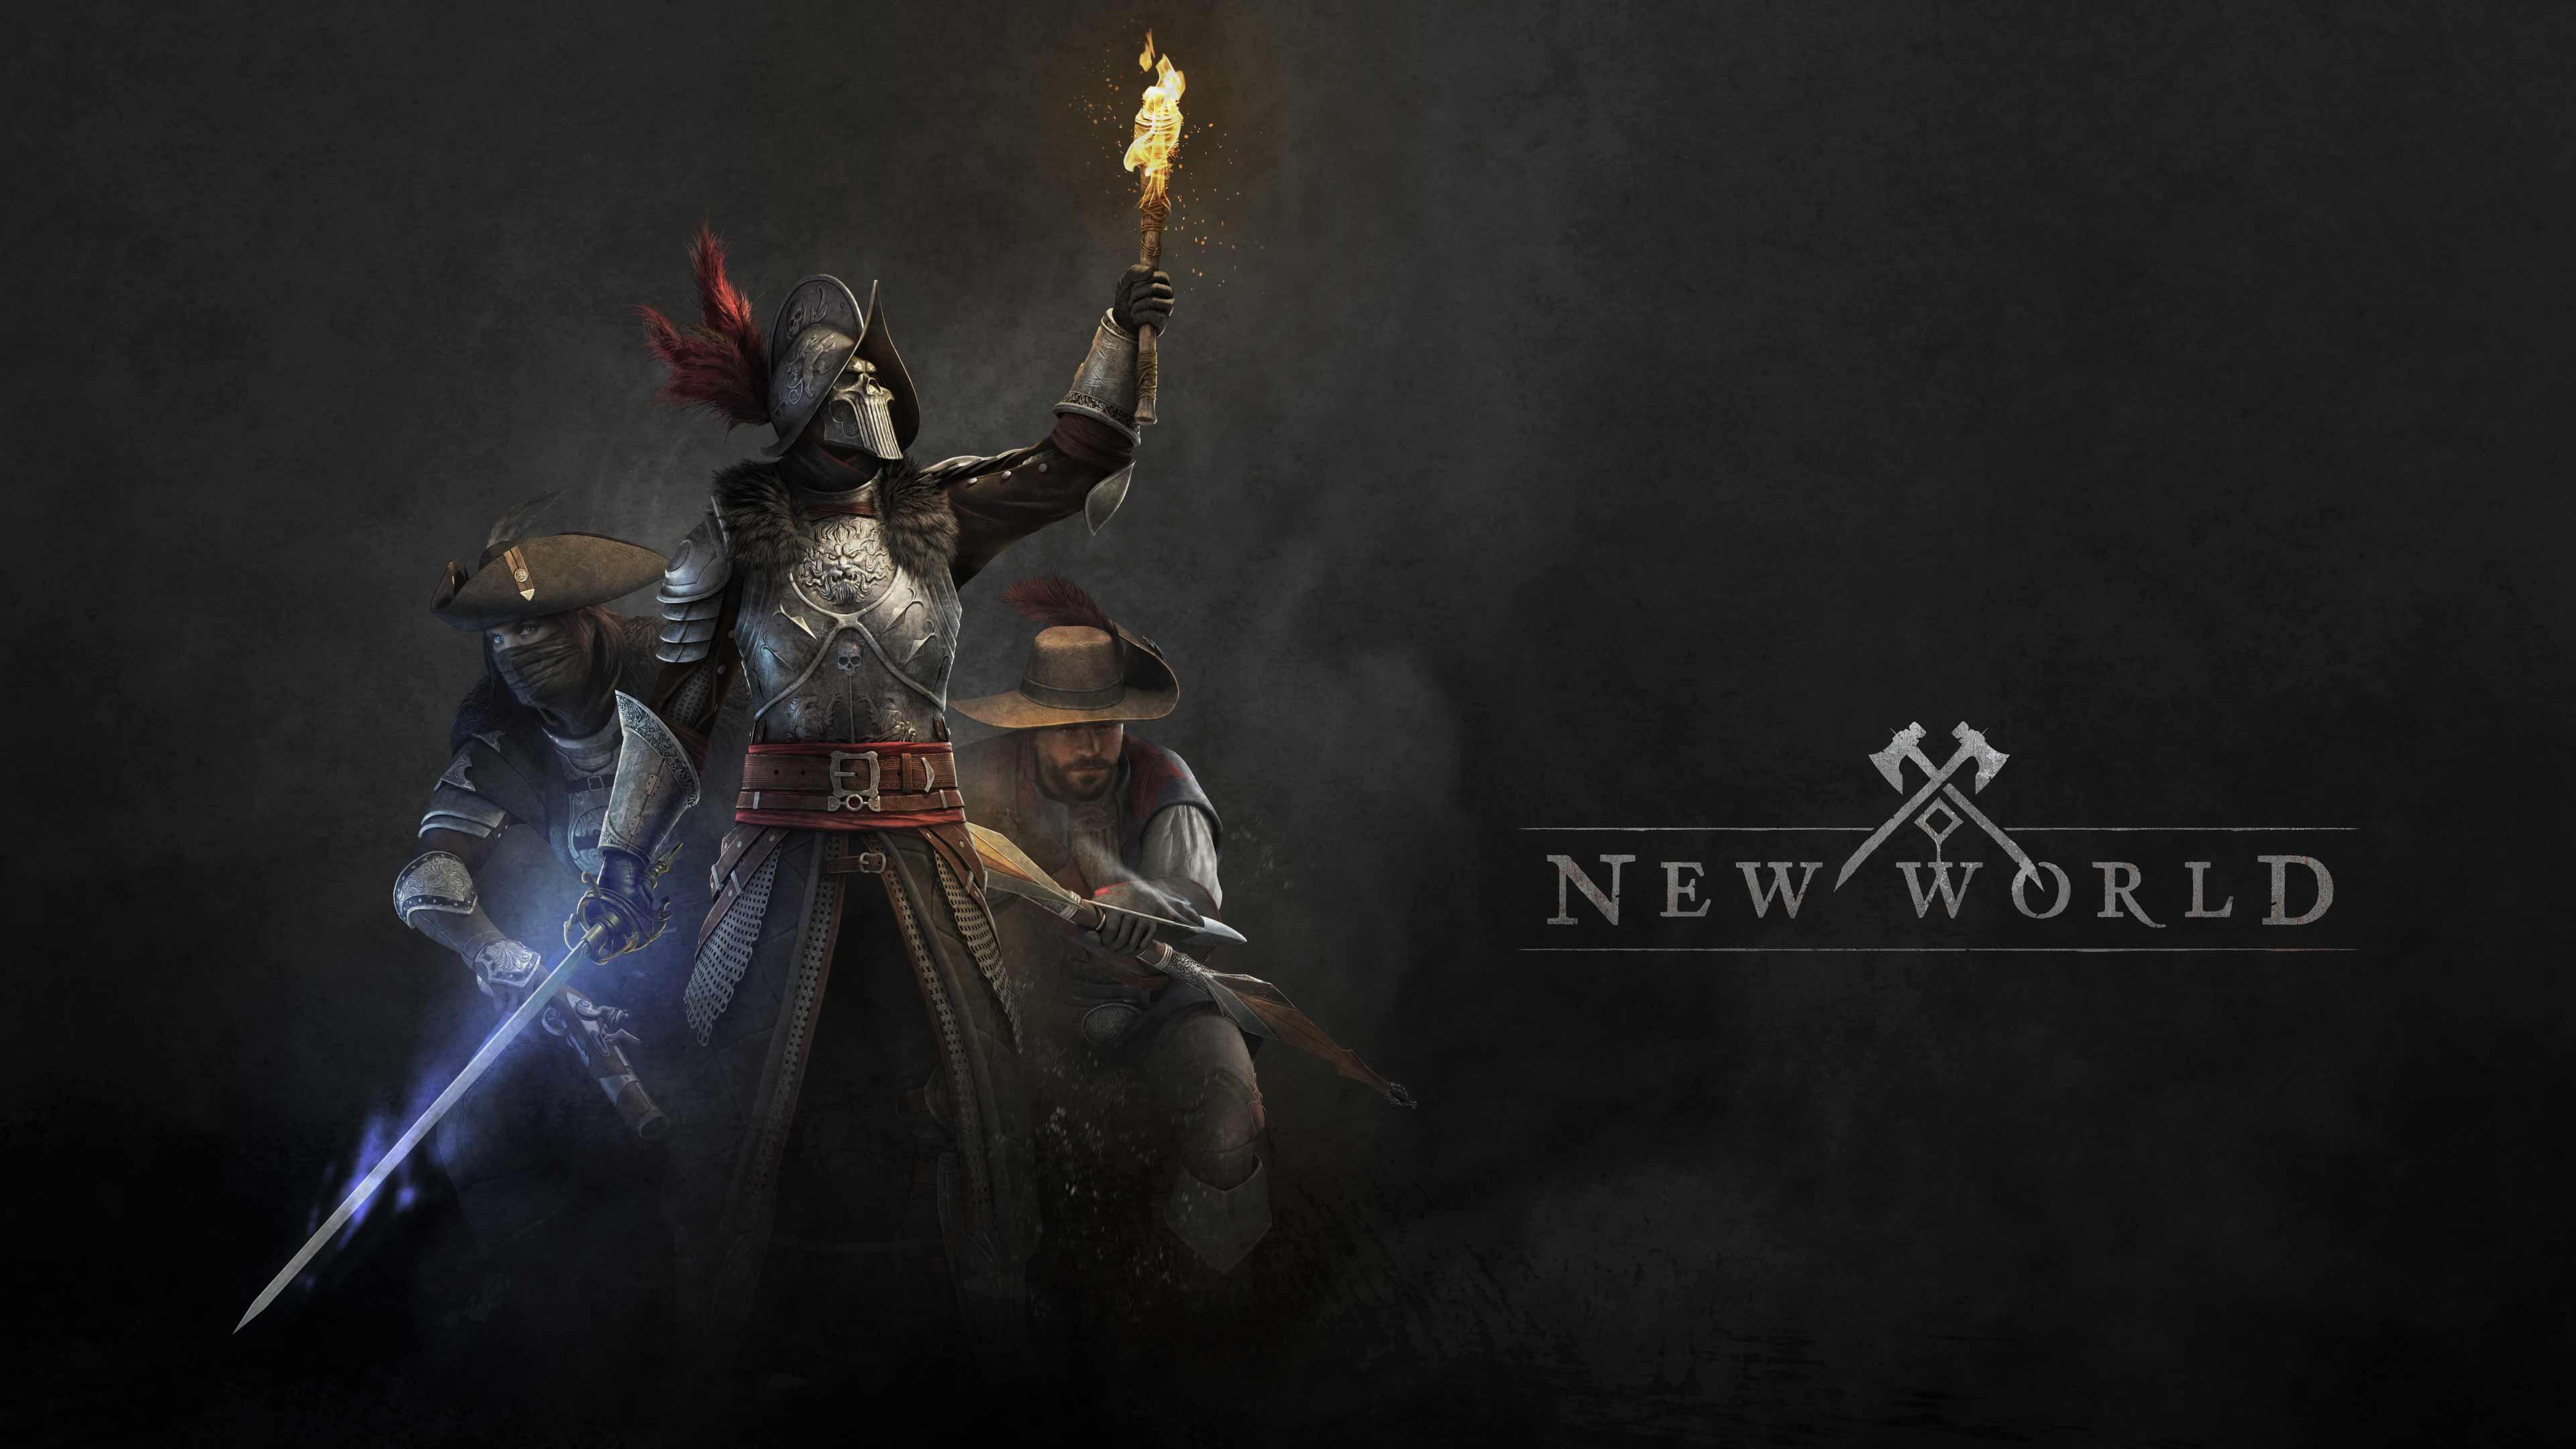 Drei Entdecker, einer mit leuchtendem Schwert und Fackel, stehen neben den New-World-Logo